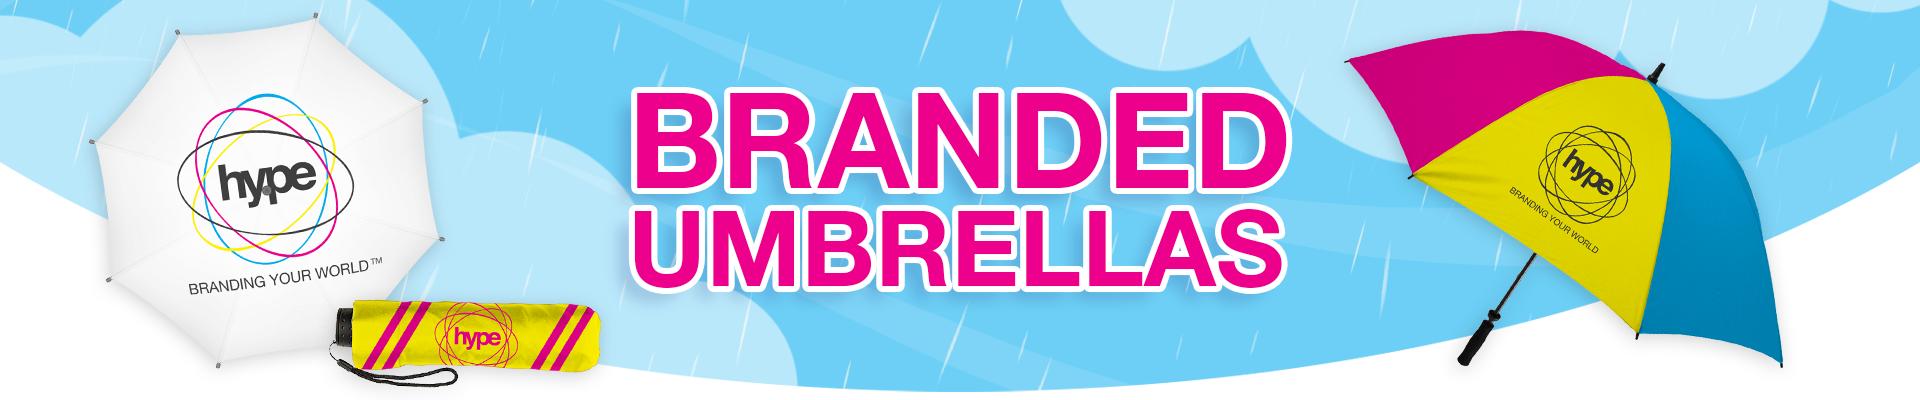 Branded-Umbrellas-Webpage-Banner.png